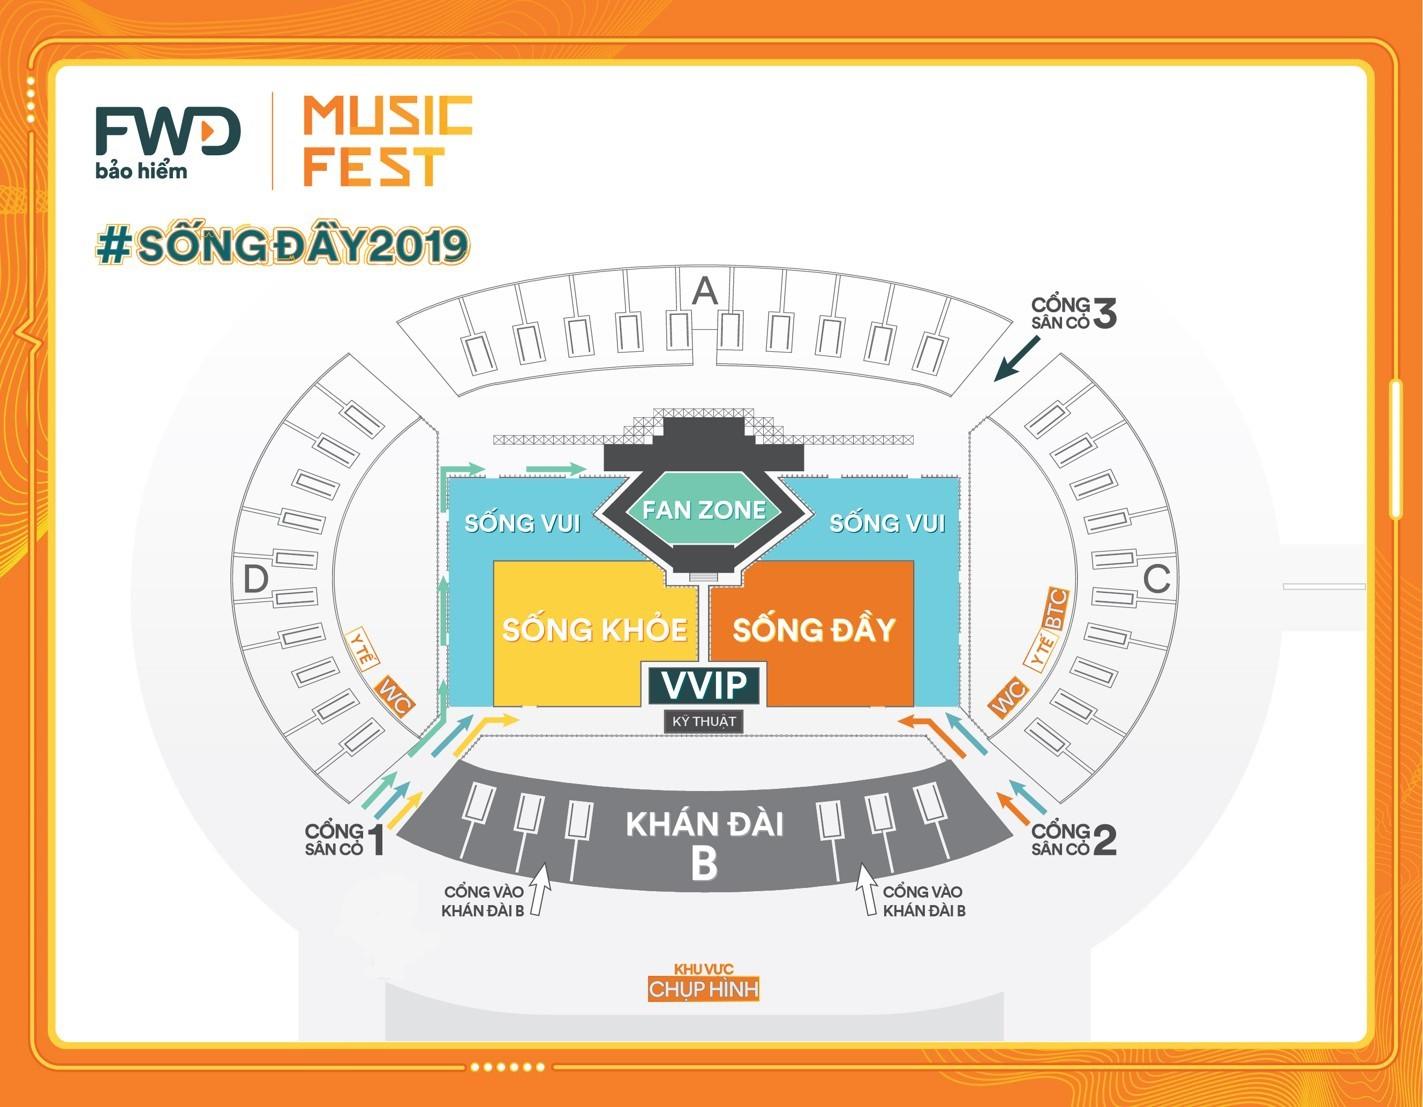 Fan Vpop sôi sục chờ đón sân khấu của Sơn Tùng M-TP, Đen Vâu, Tóc Tiên, Isaac… tại lễ hội âm nhạc tháng 10 này! - Ảnh 3.